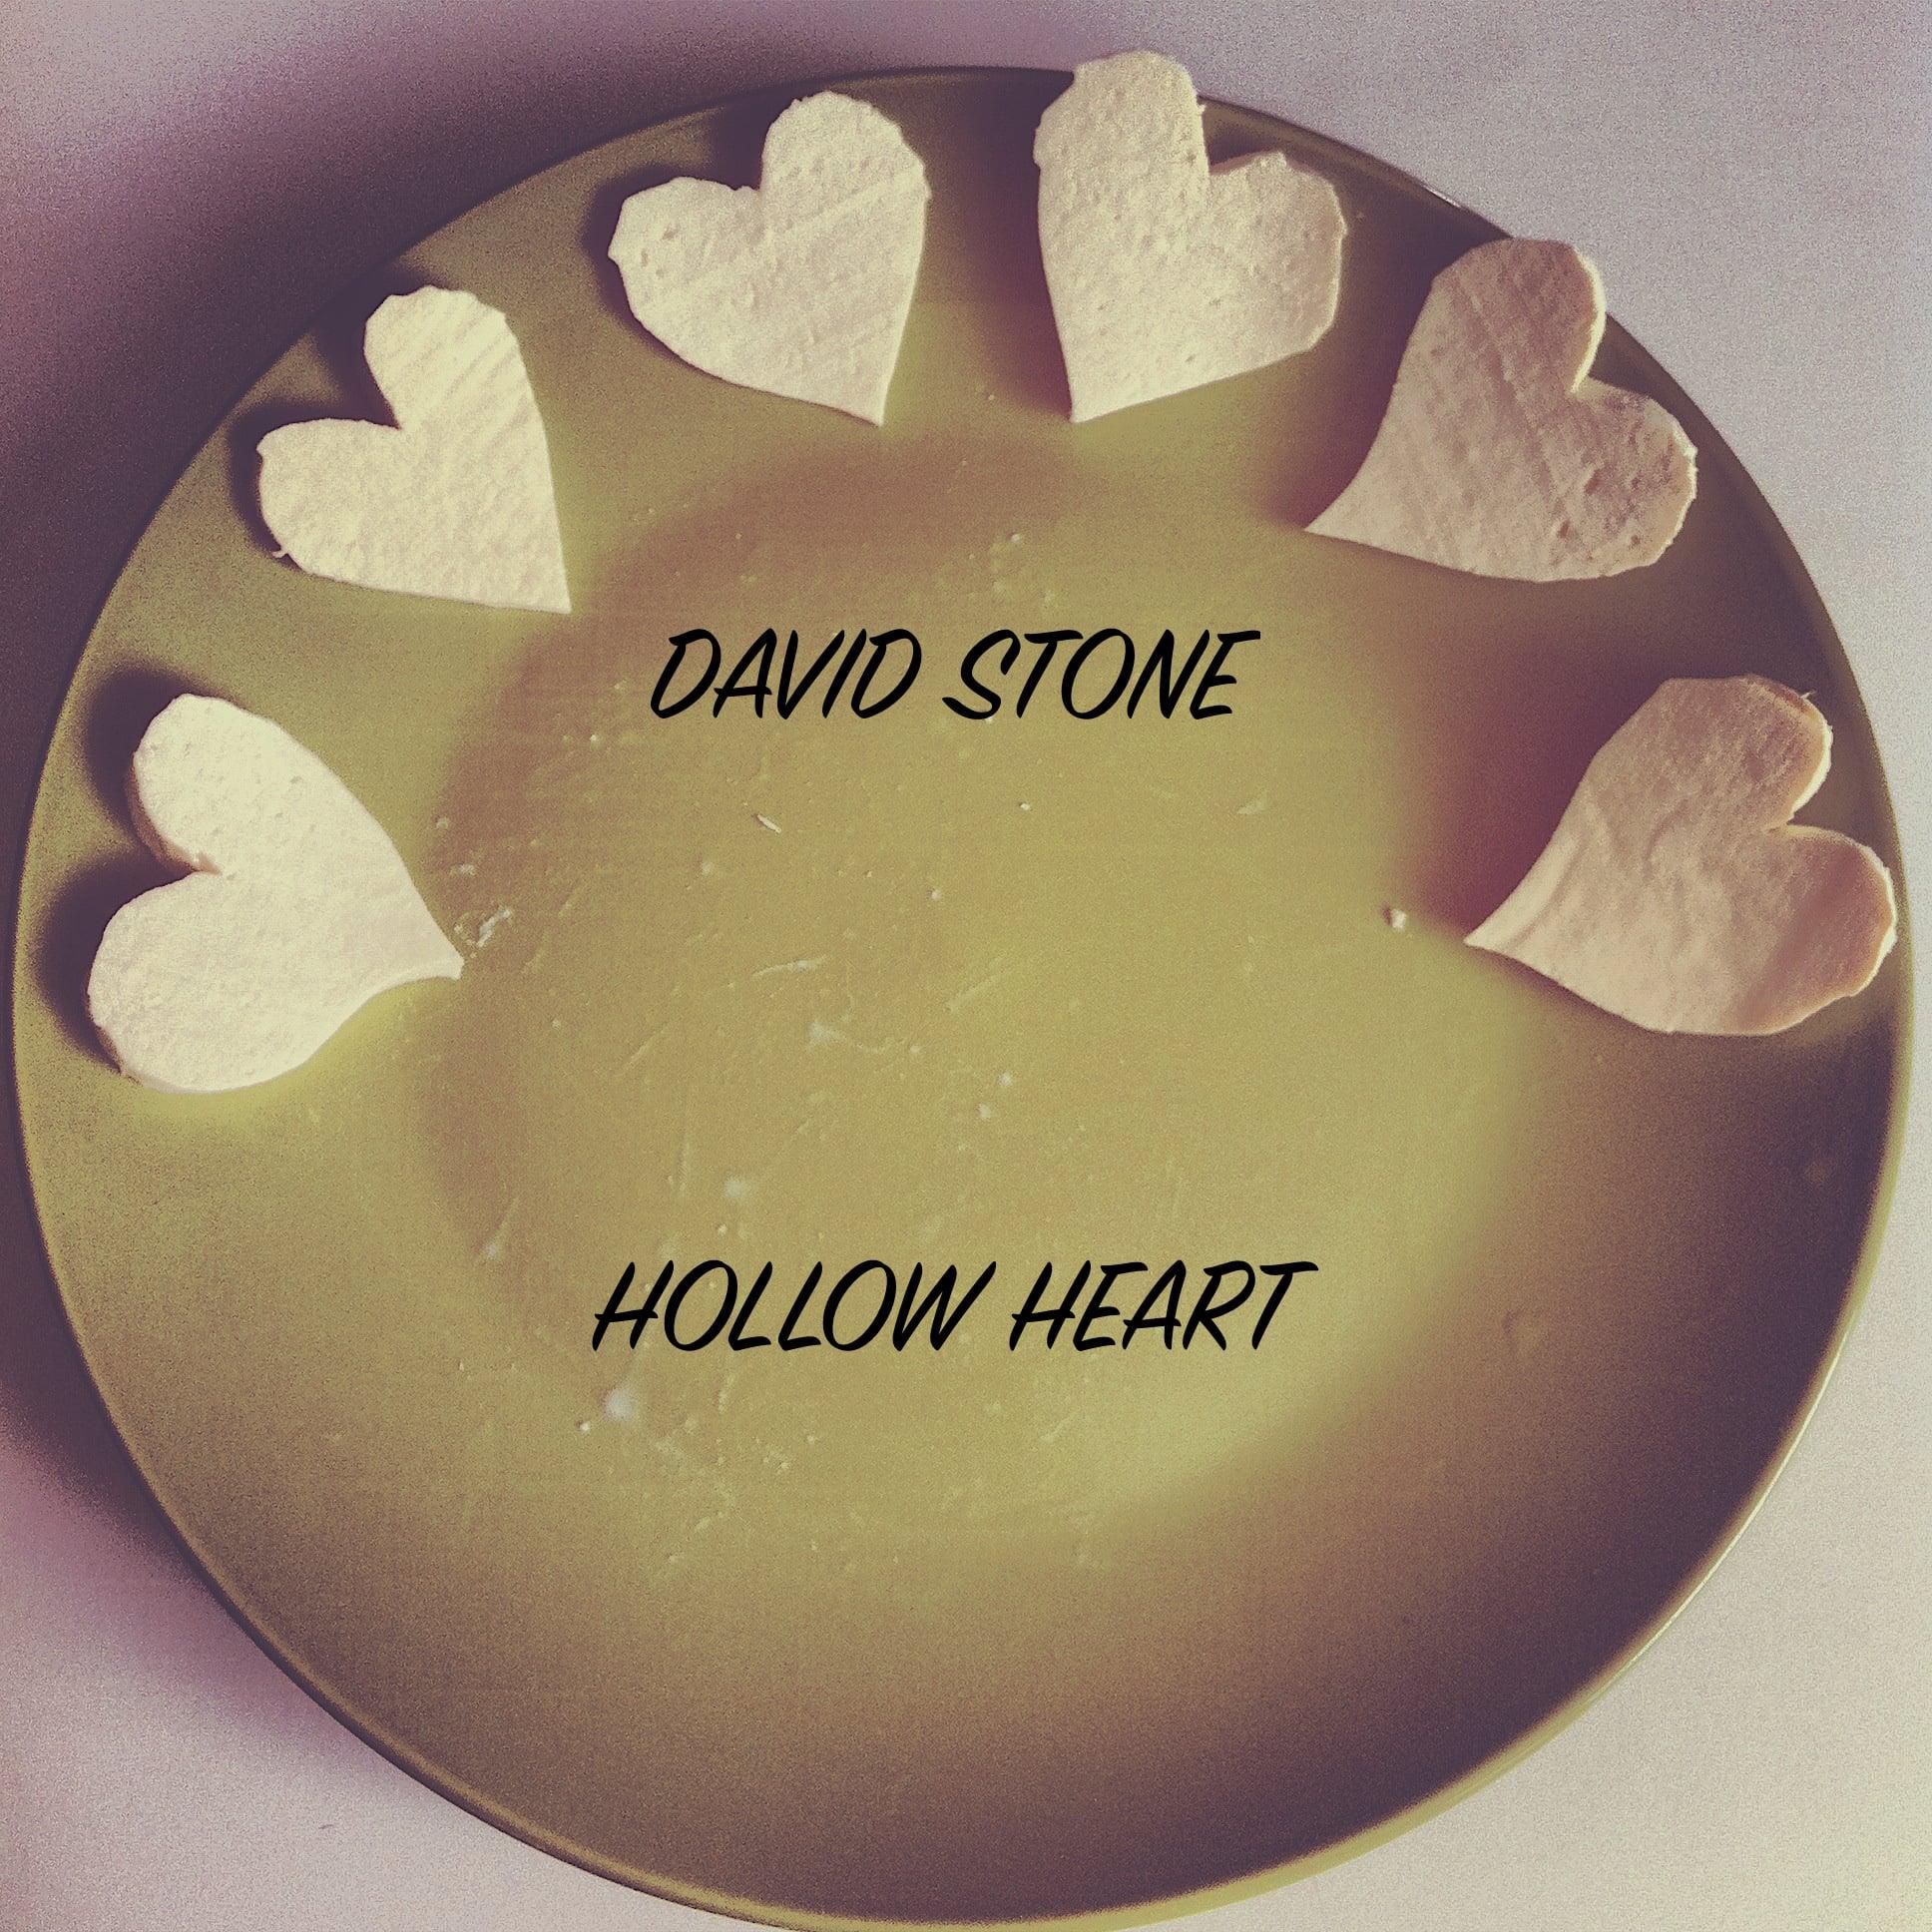 David Stone - Hollow Heart